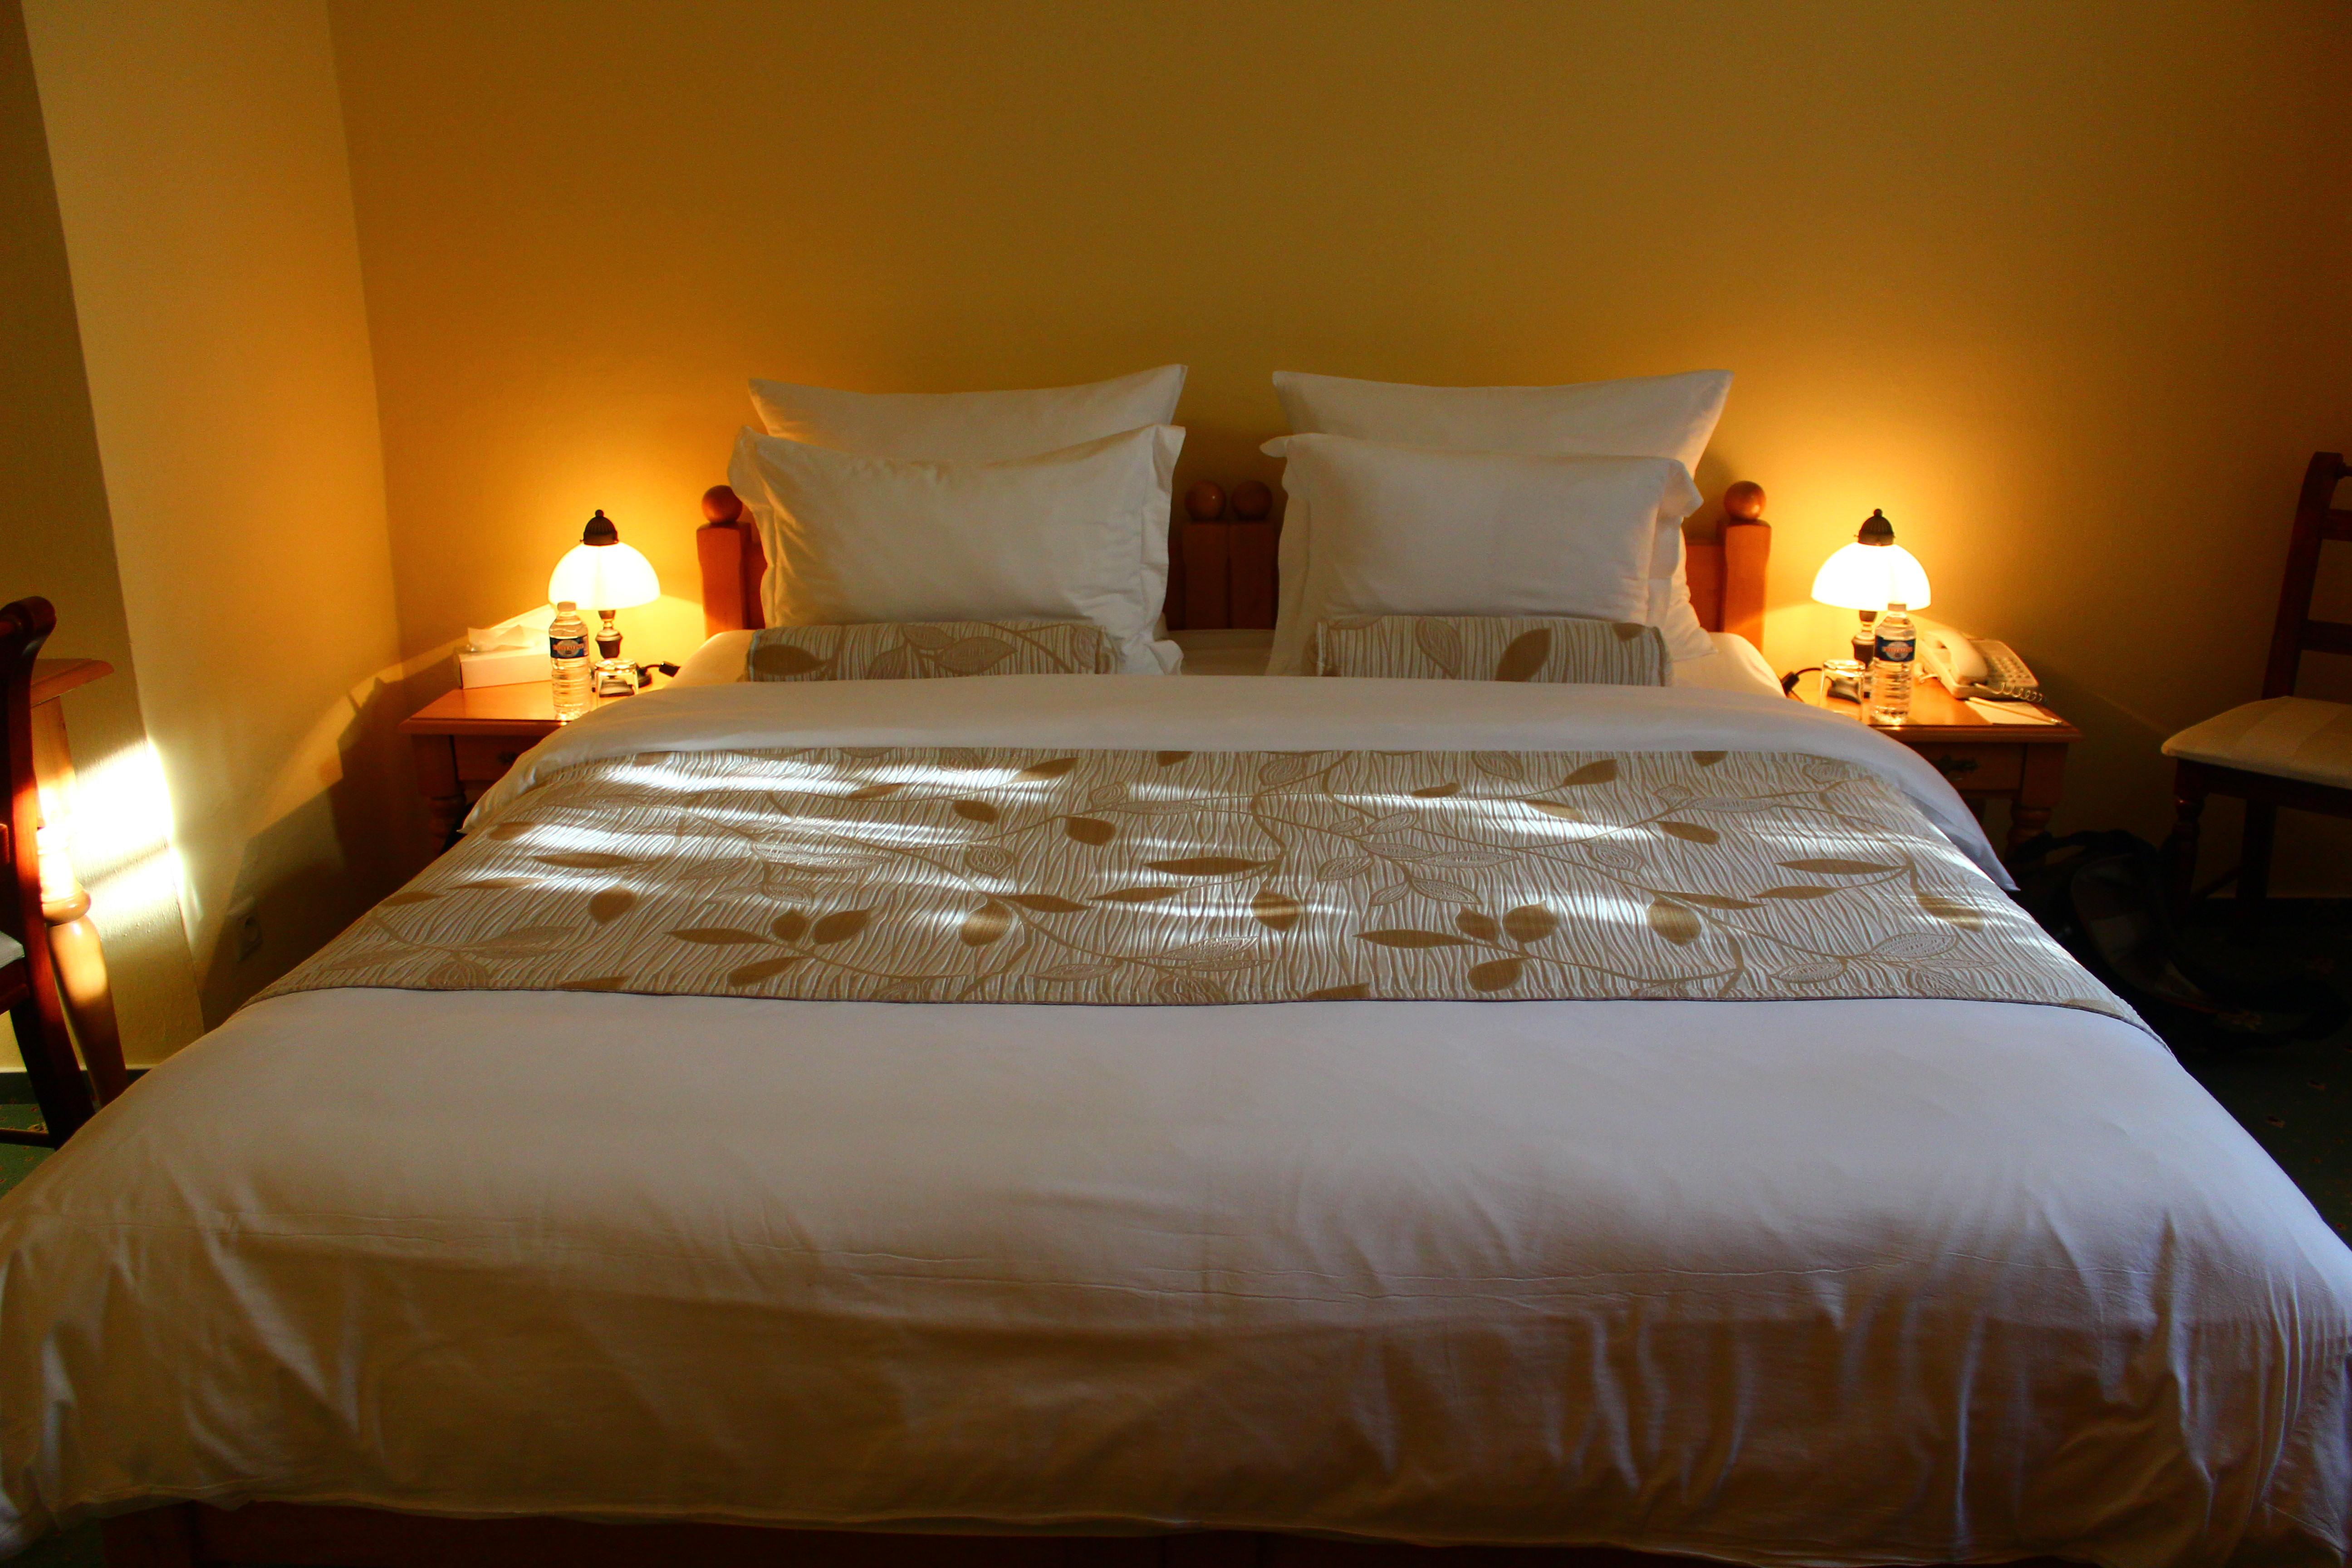 hotel questenberk prague